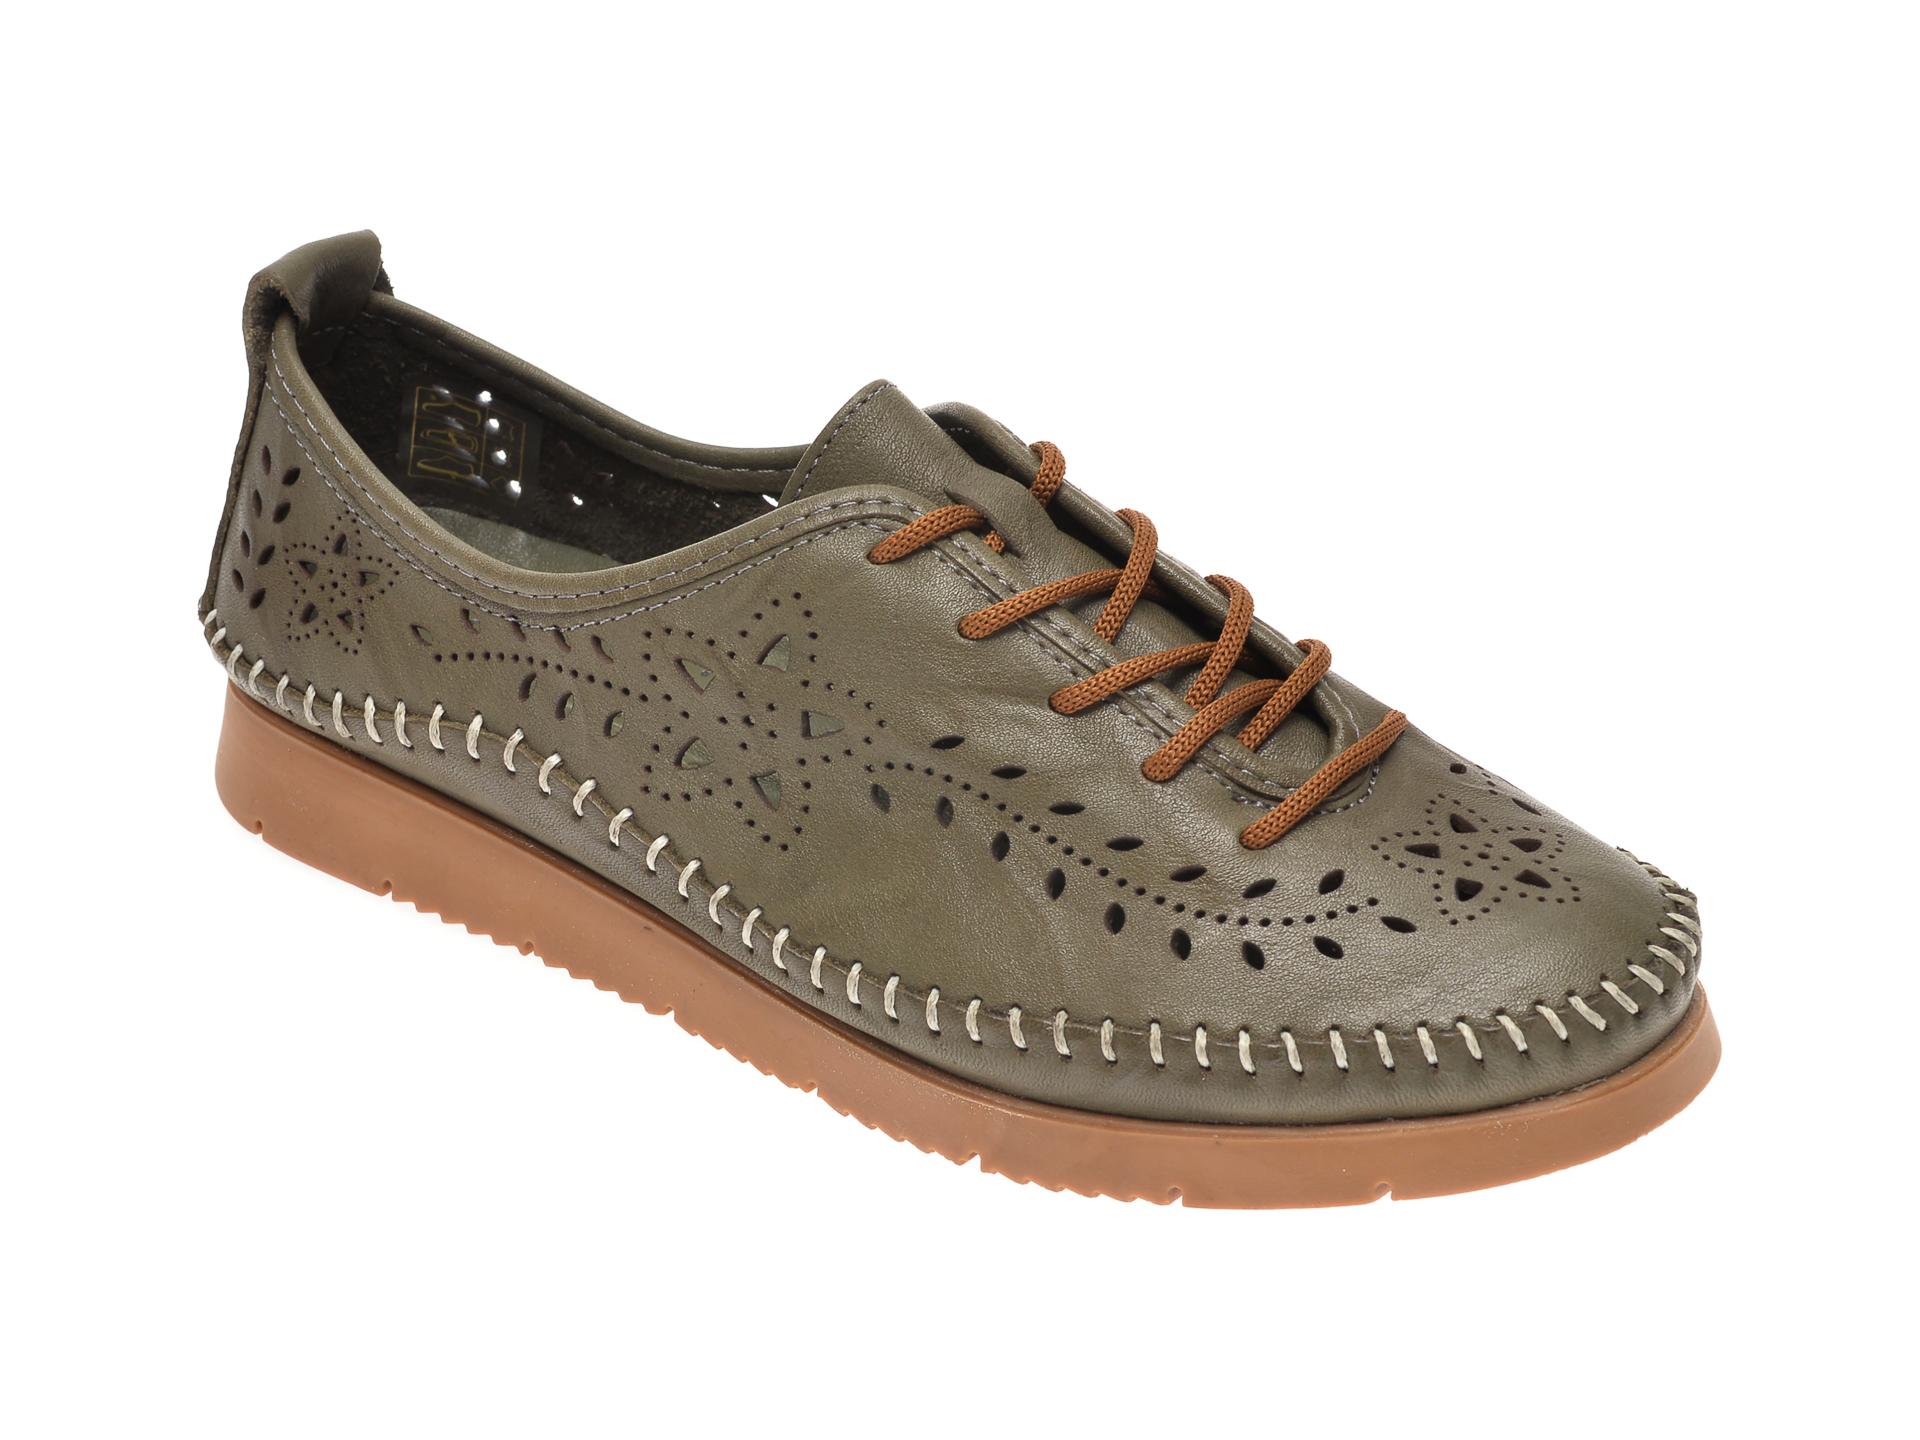 Pantofi PASS COLLECTION verzi, 1438, din piele naturala